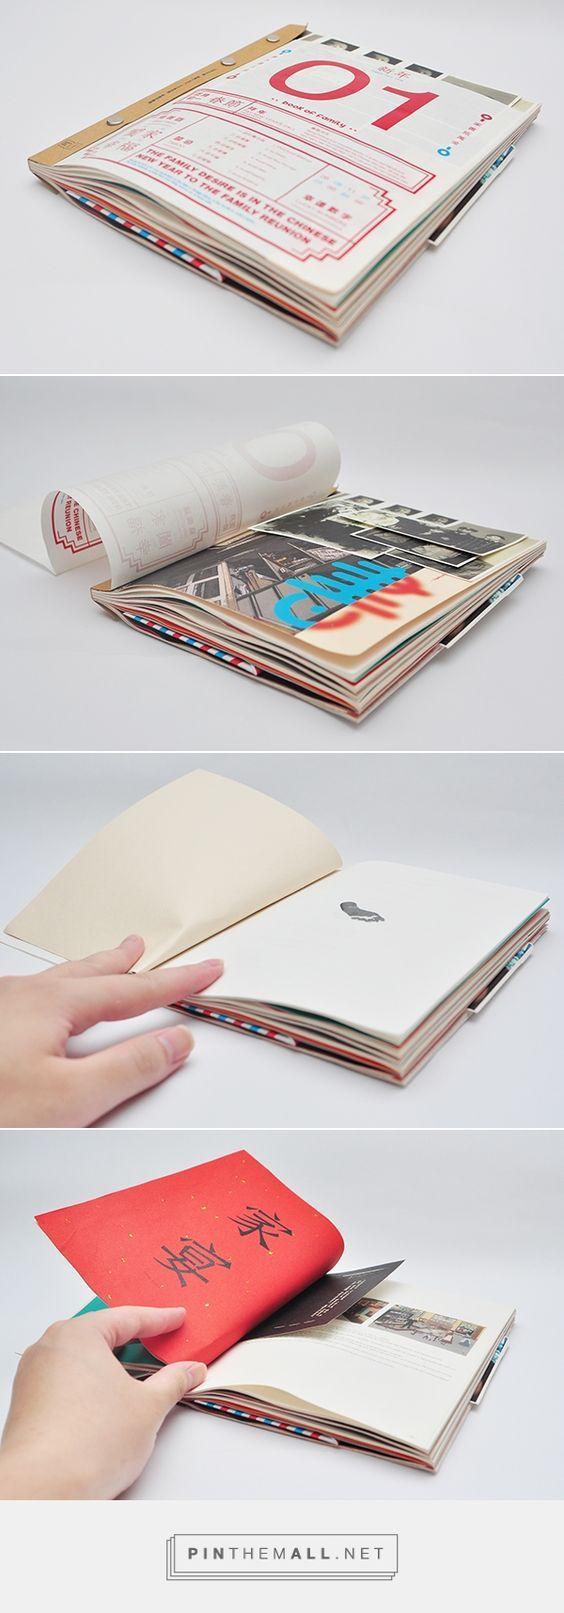 bound art book. taccuino artistico rilegato